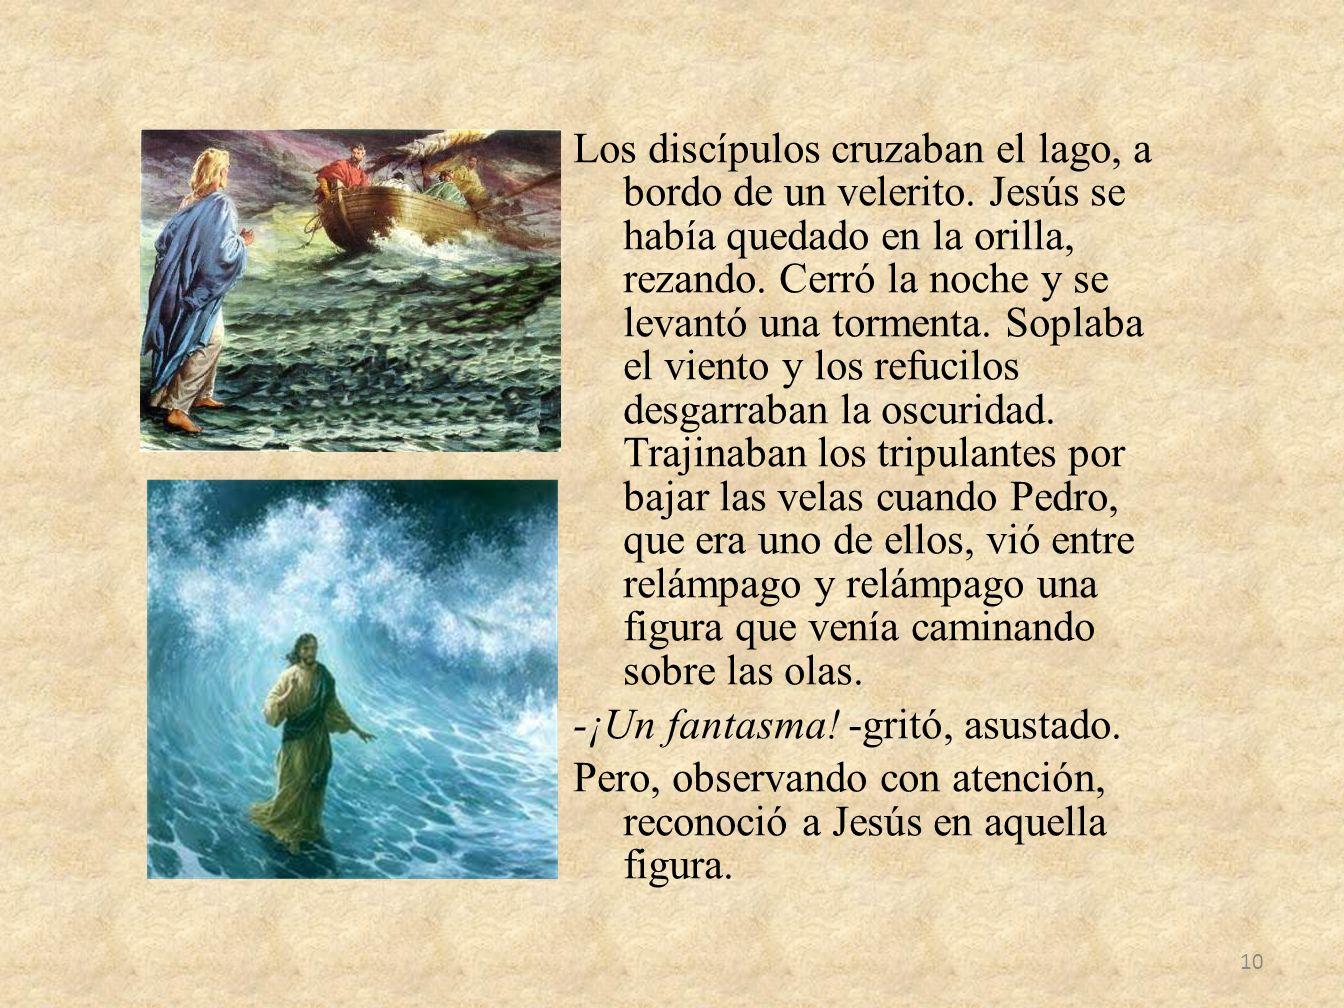 Los discípulos cruzaban el lago, a bordo de un velerito.